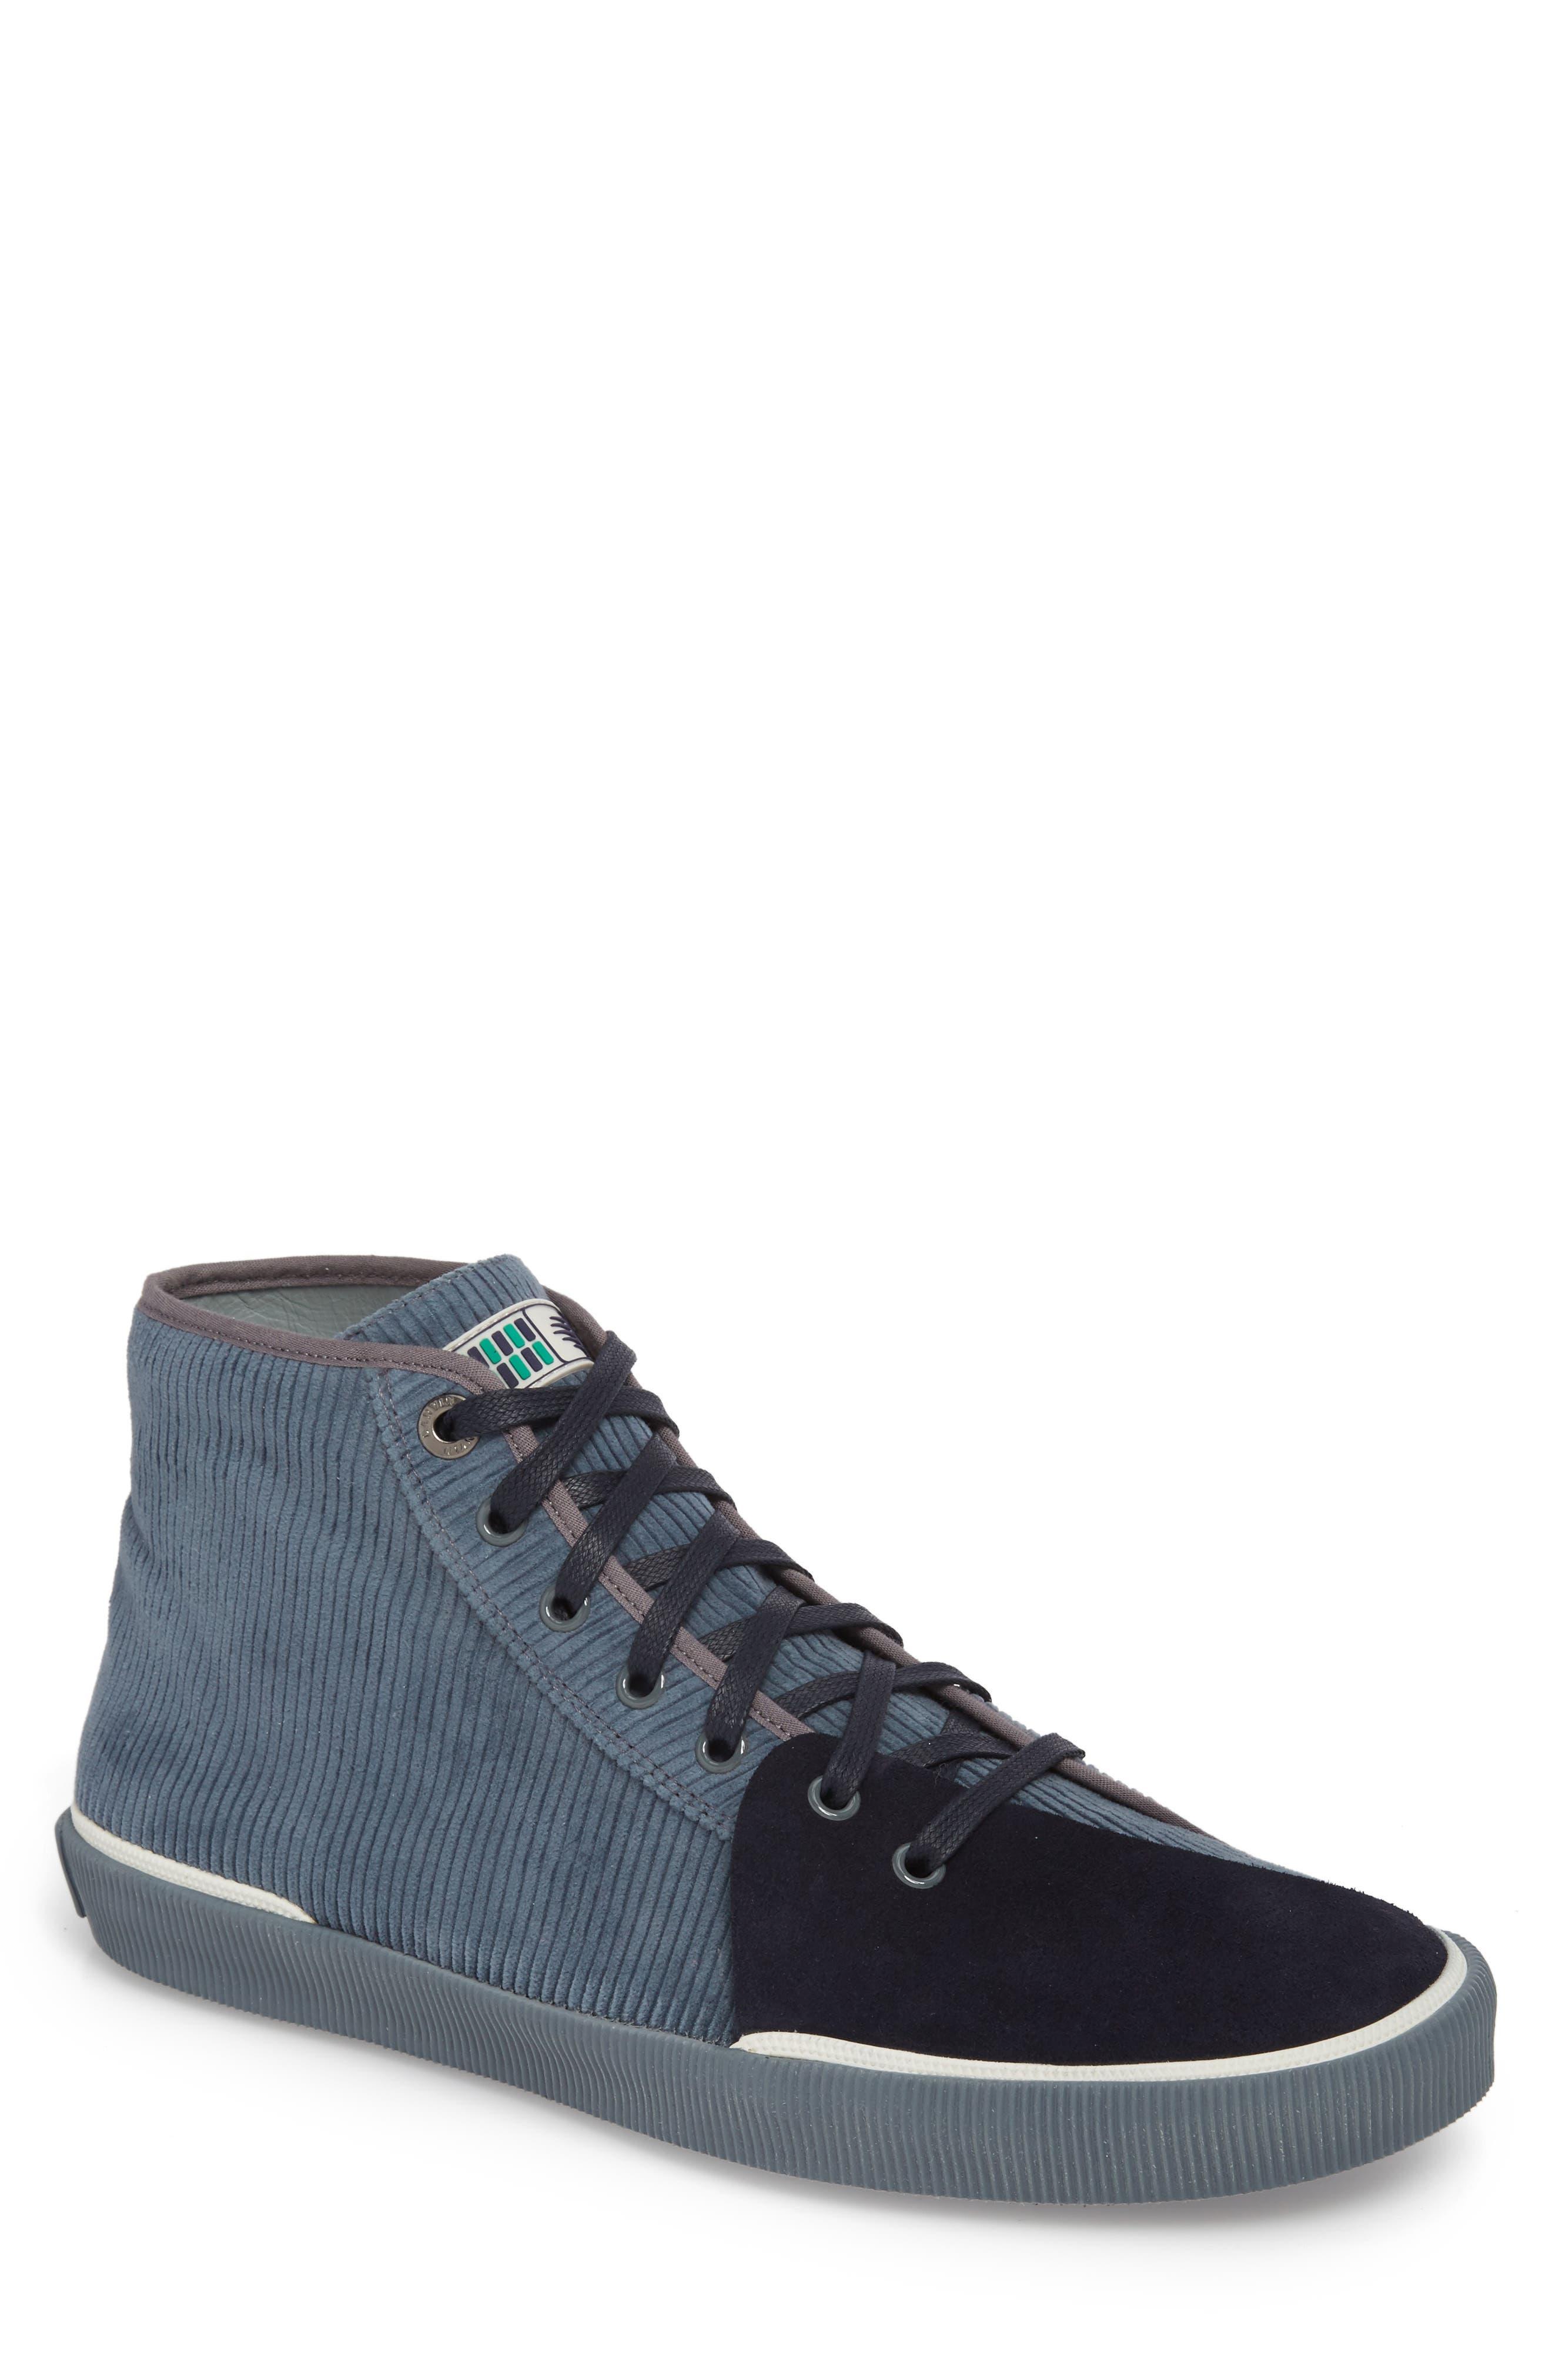 Mid Top Sneaker,                         Main,                         color, Elephant Grey Suede